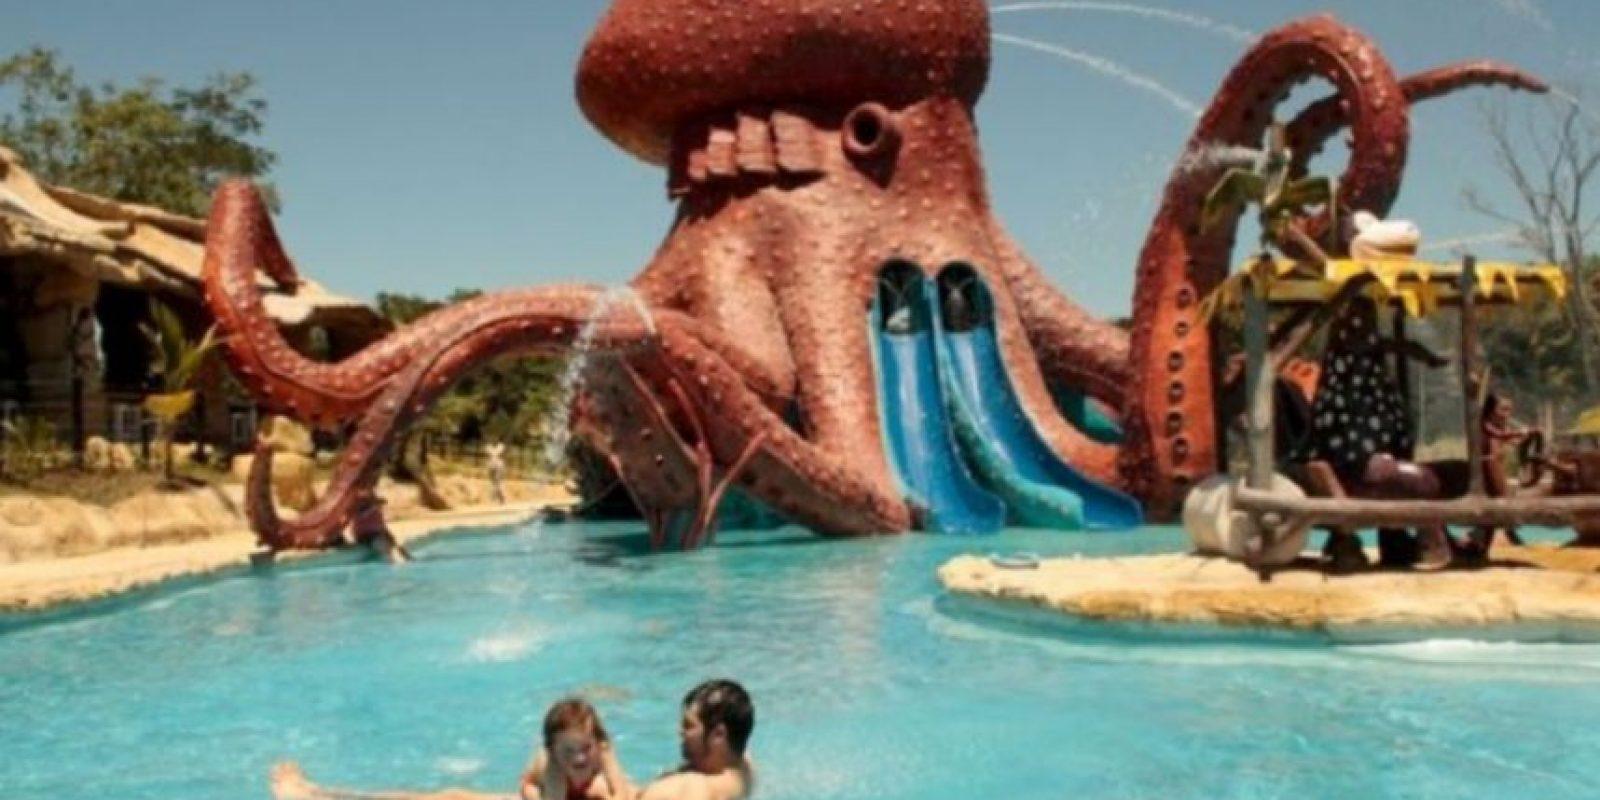 La exhacienda fue convertida en un parque de diversiones. Foto:haciendanapoles.com